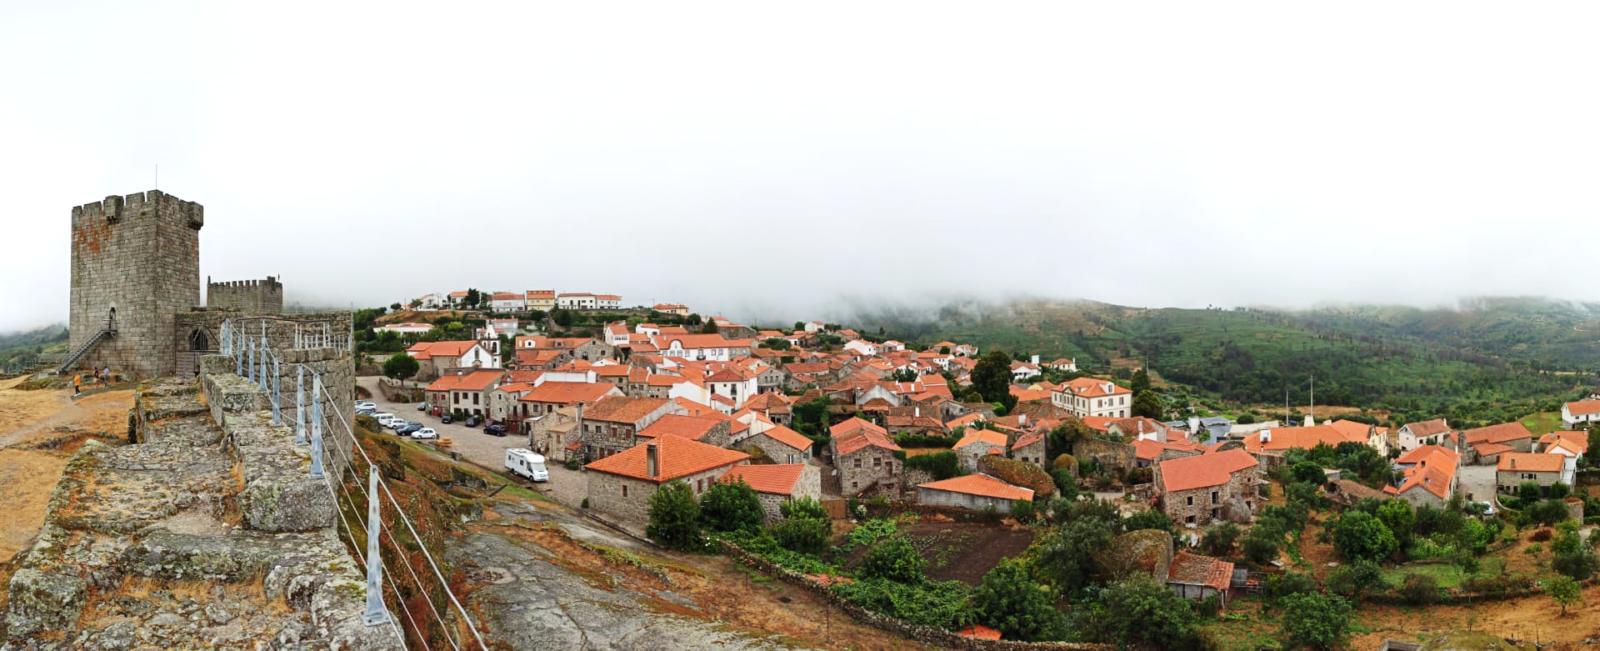 Linhares da Beira, Portugal (photo: João Almeida)